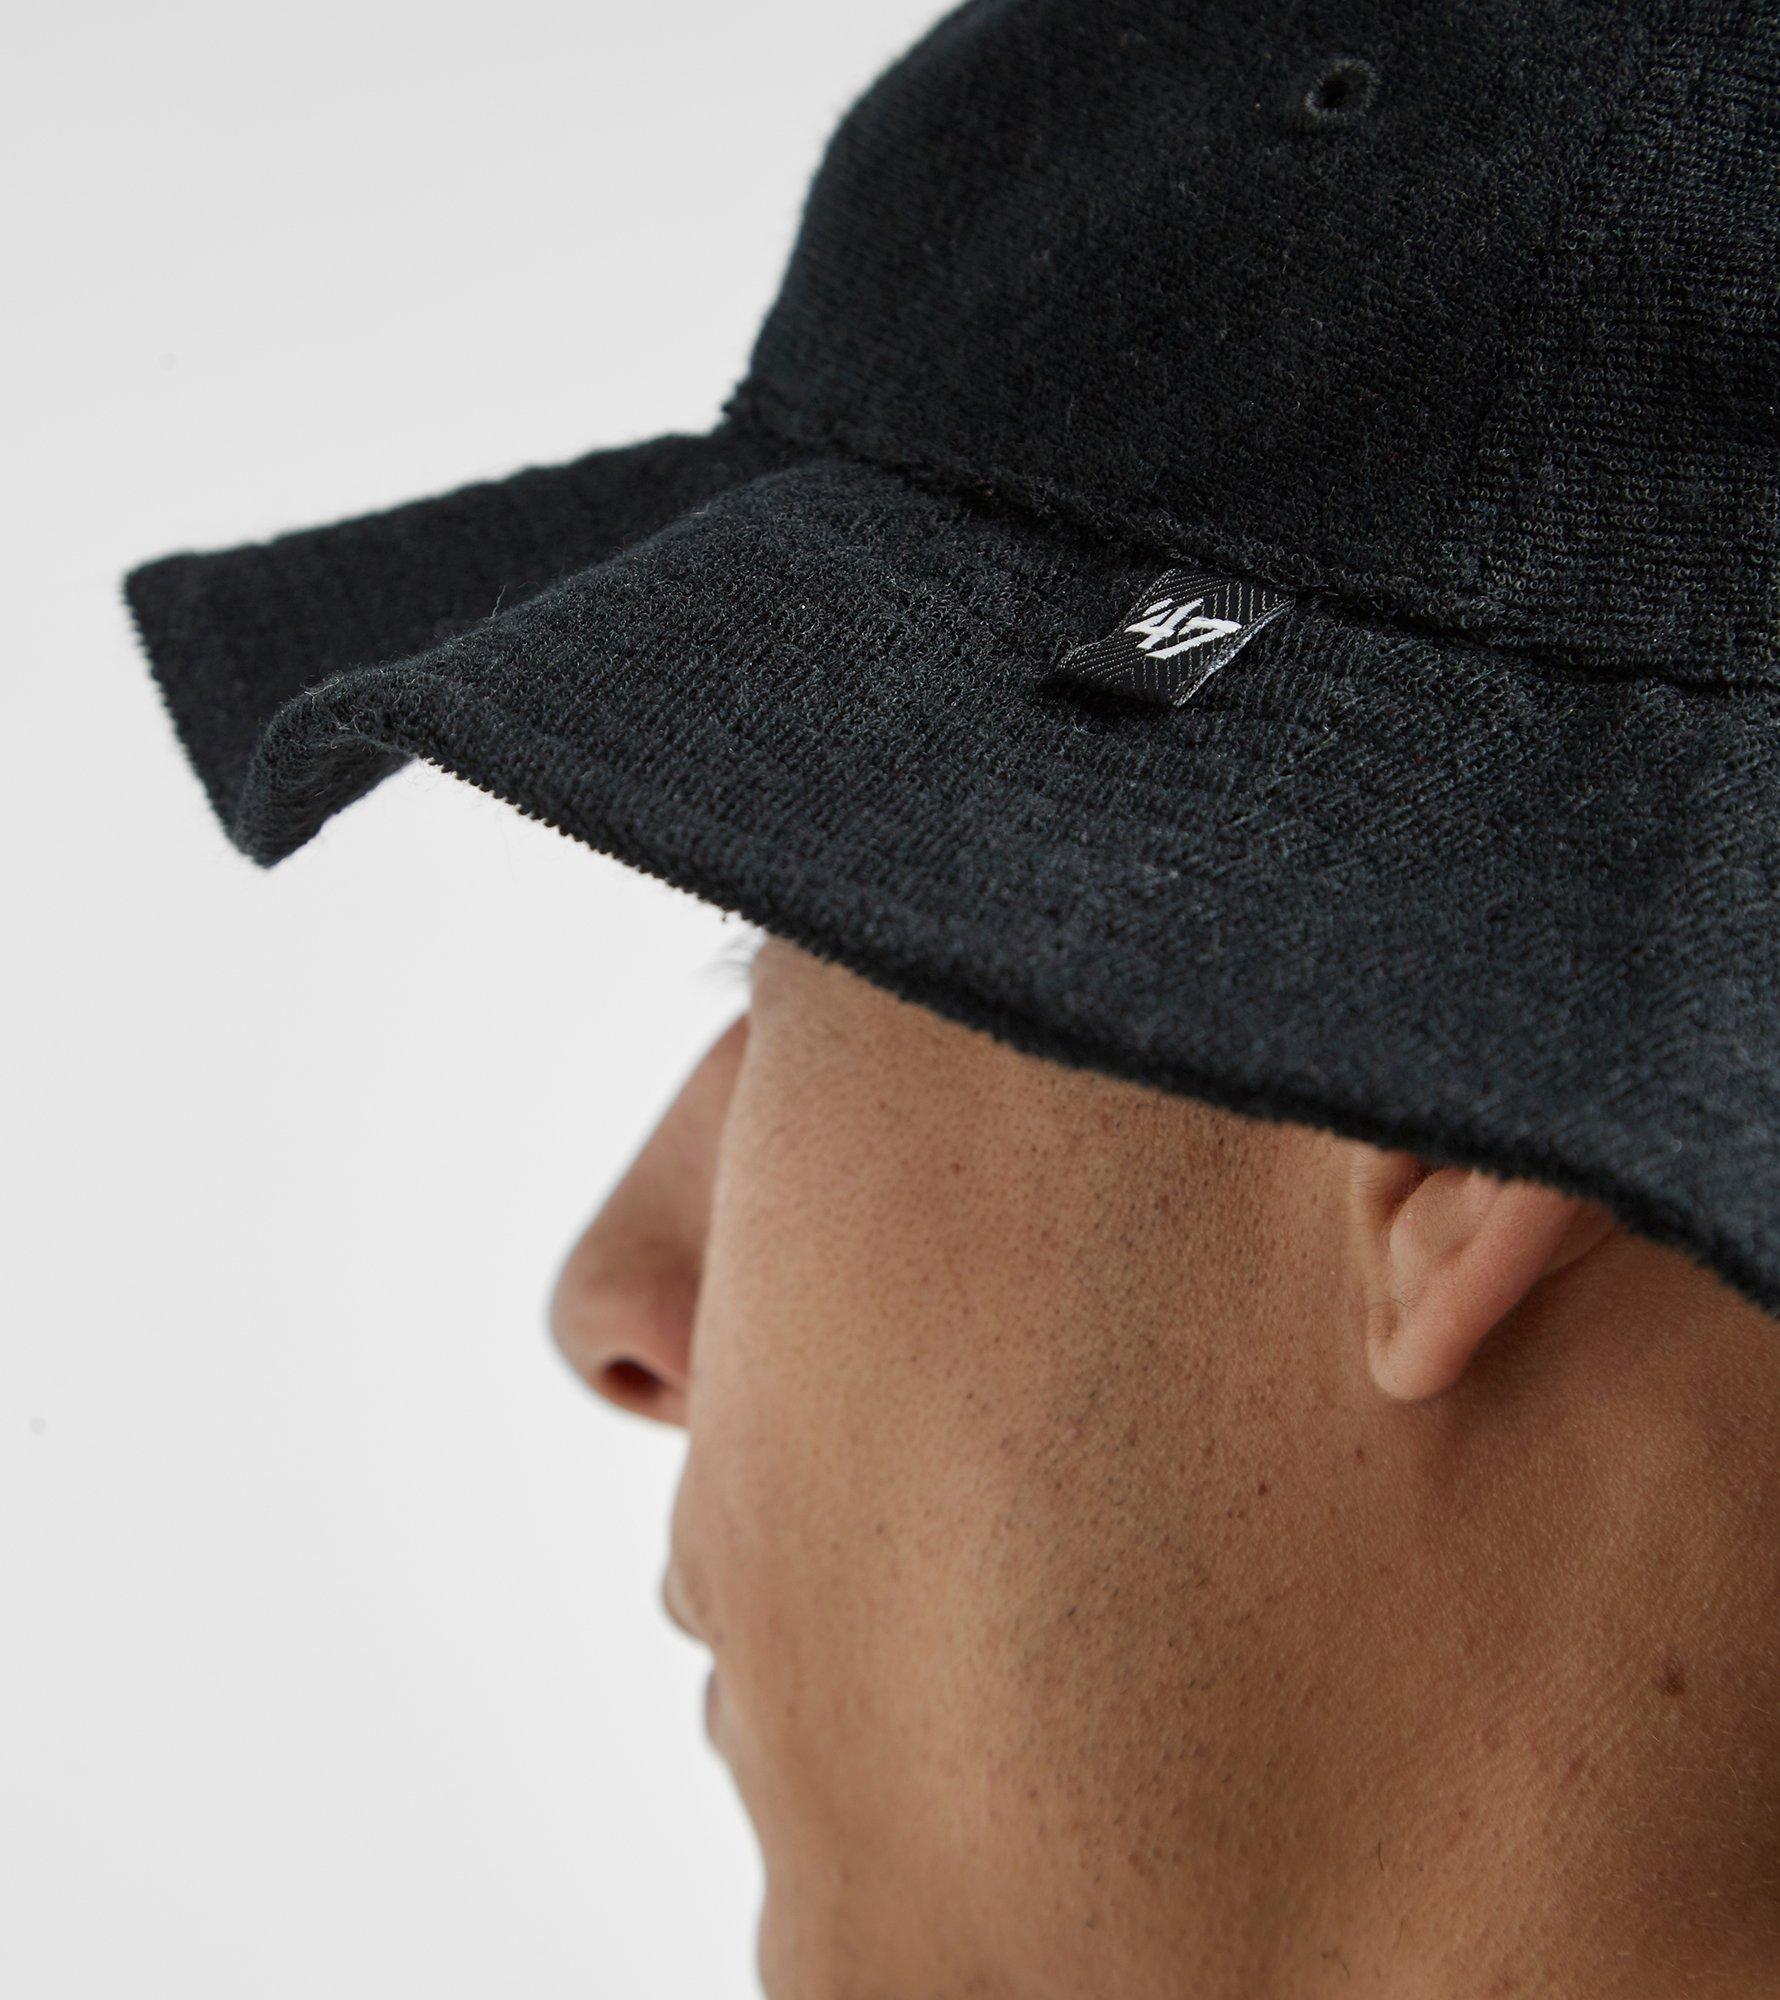 5319add2c Men's Black X Playboy Towel Bucket Hat - Size? Exclusive